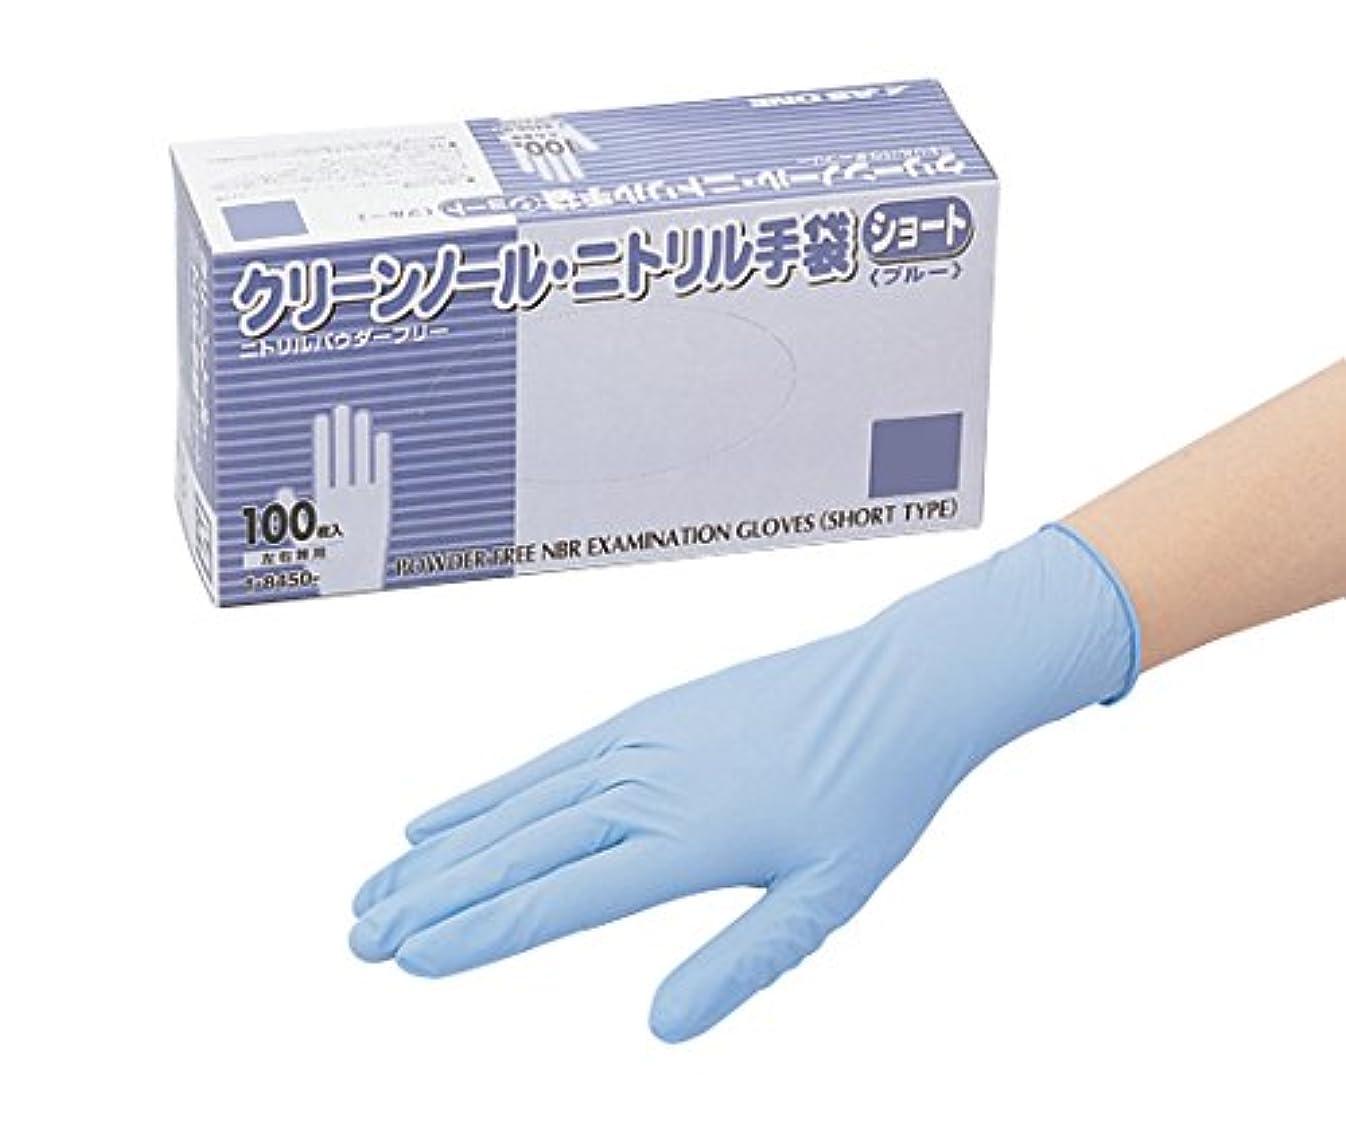 下着篭限界アズワン1-8450-22クリーンノールニトリル手袋ショート(パウダーフリ-)ブルーM100枚入